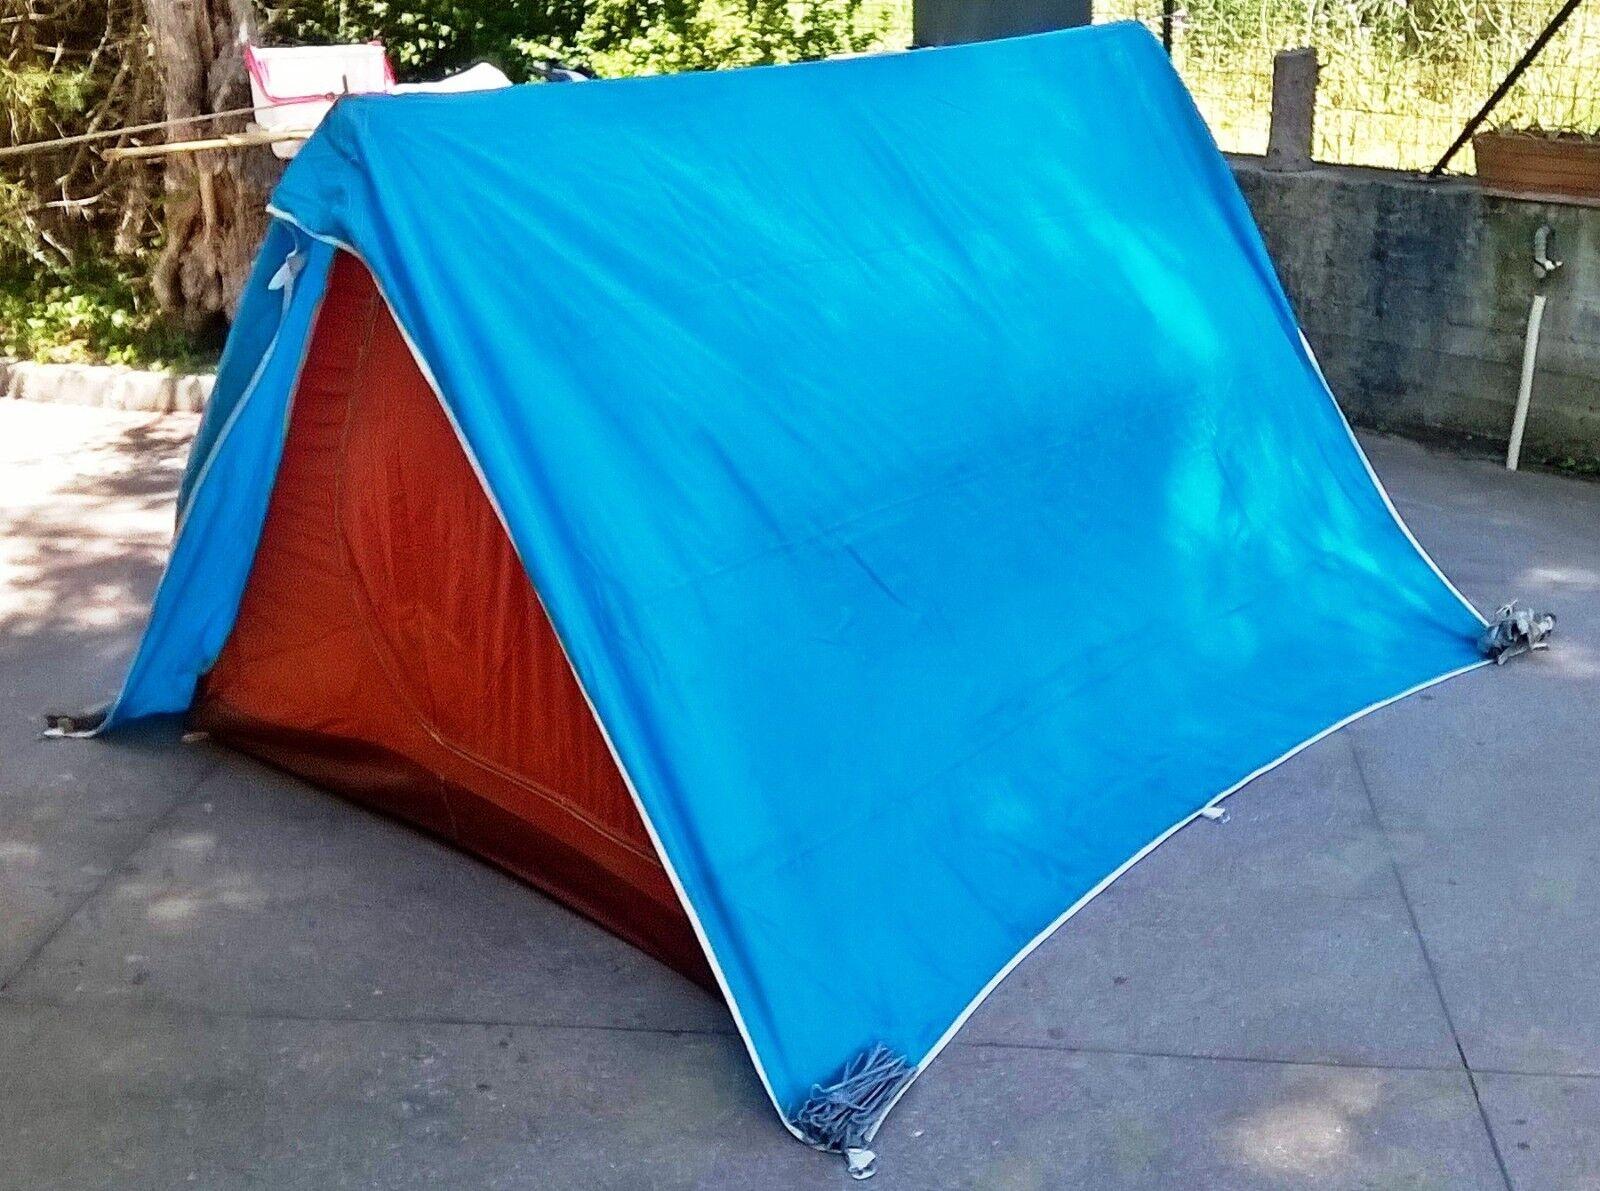 CAMPEGGIO CAMPEGGIO CAMPEGGIO / CAMPING: Tenda CANADESE 2 posti - Doppio telo 034023